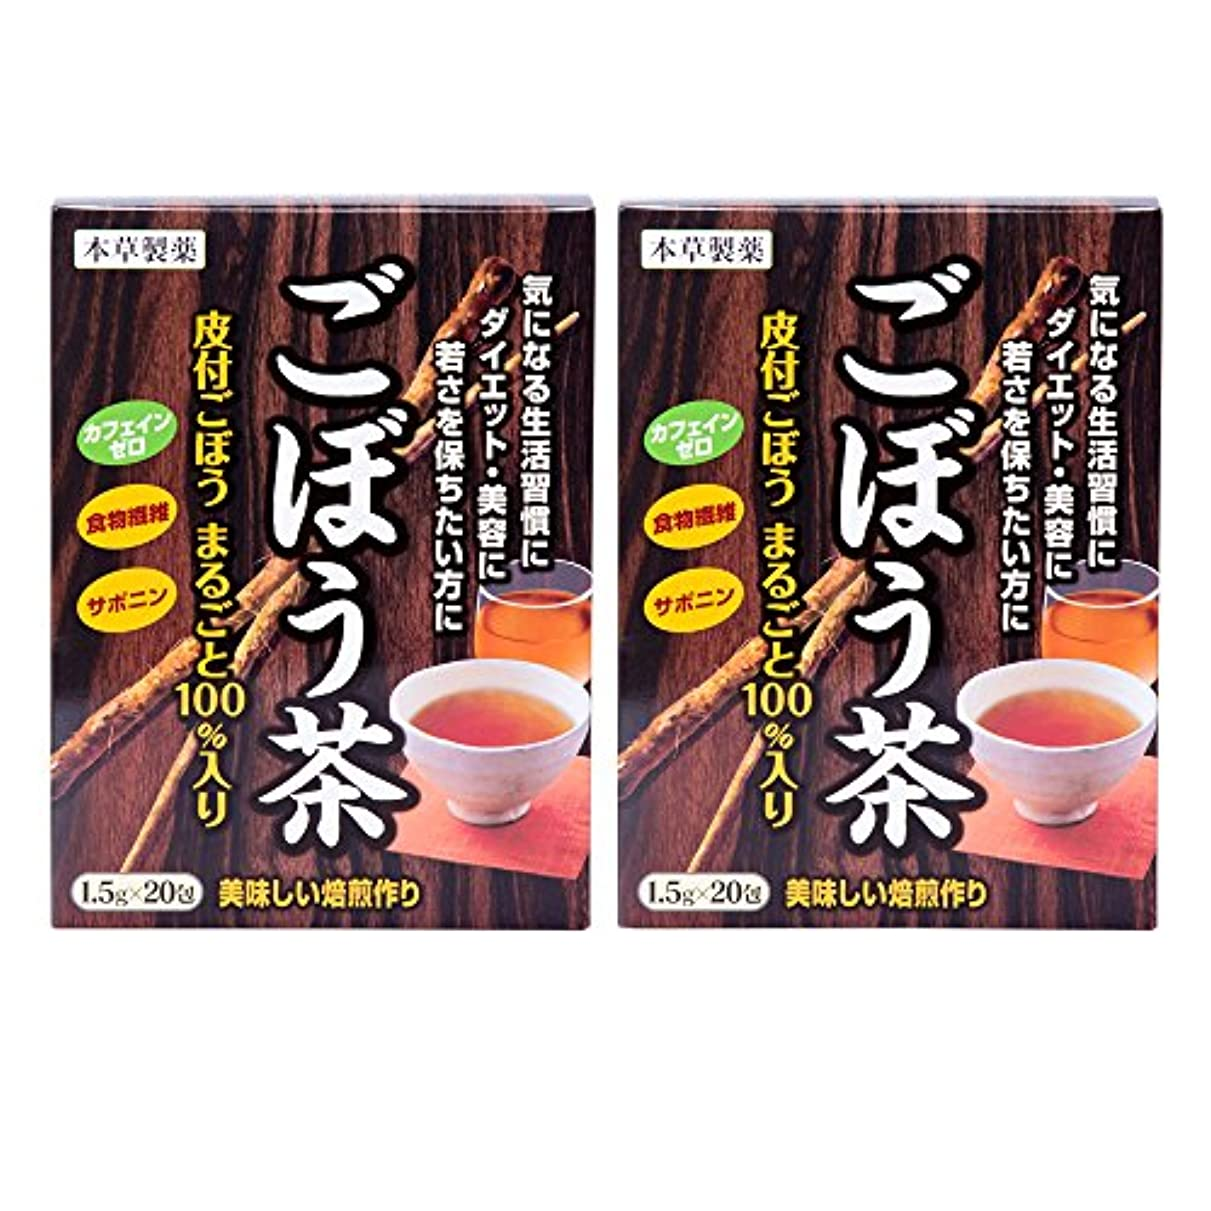 意外ペルメル罪悪感本草製薬 ごぼう茶 2個セット